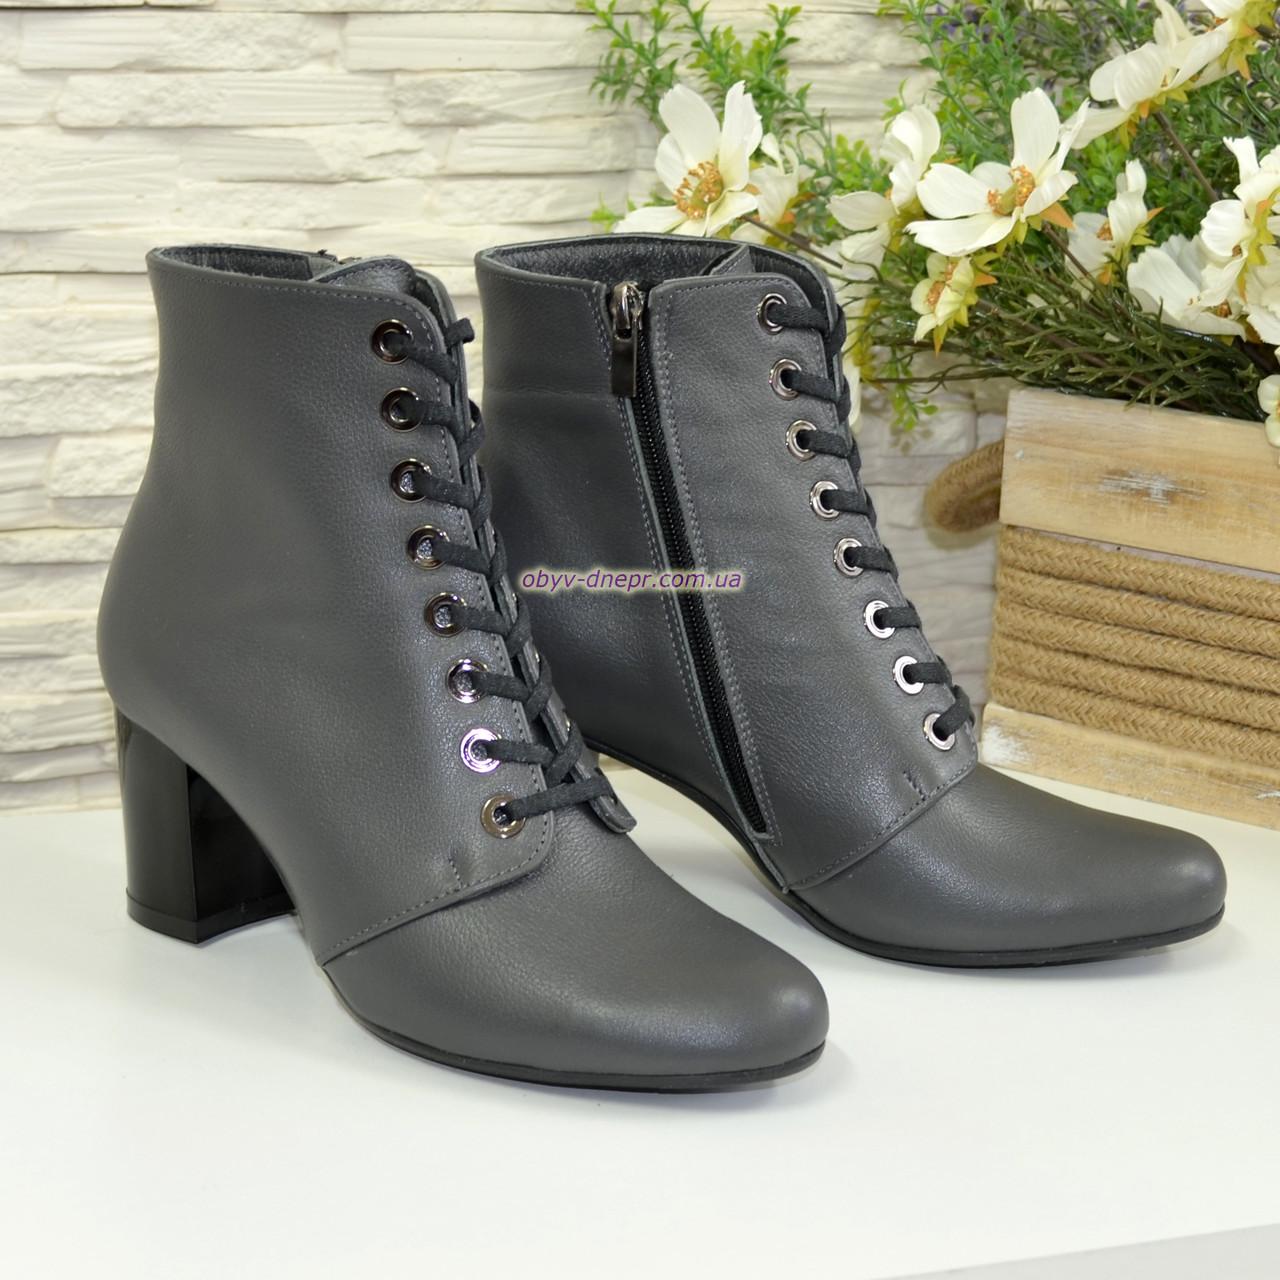 Черевики жіночі шкіряні туфлі на стійкому каблуці, колір сірий